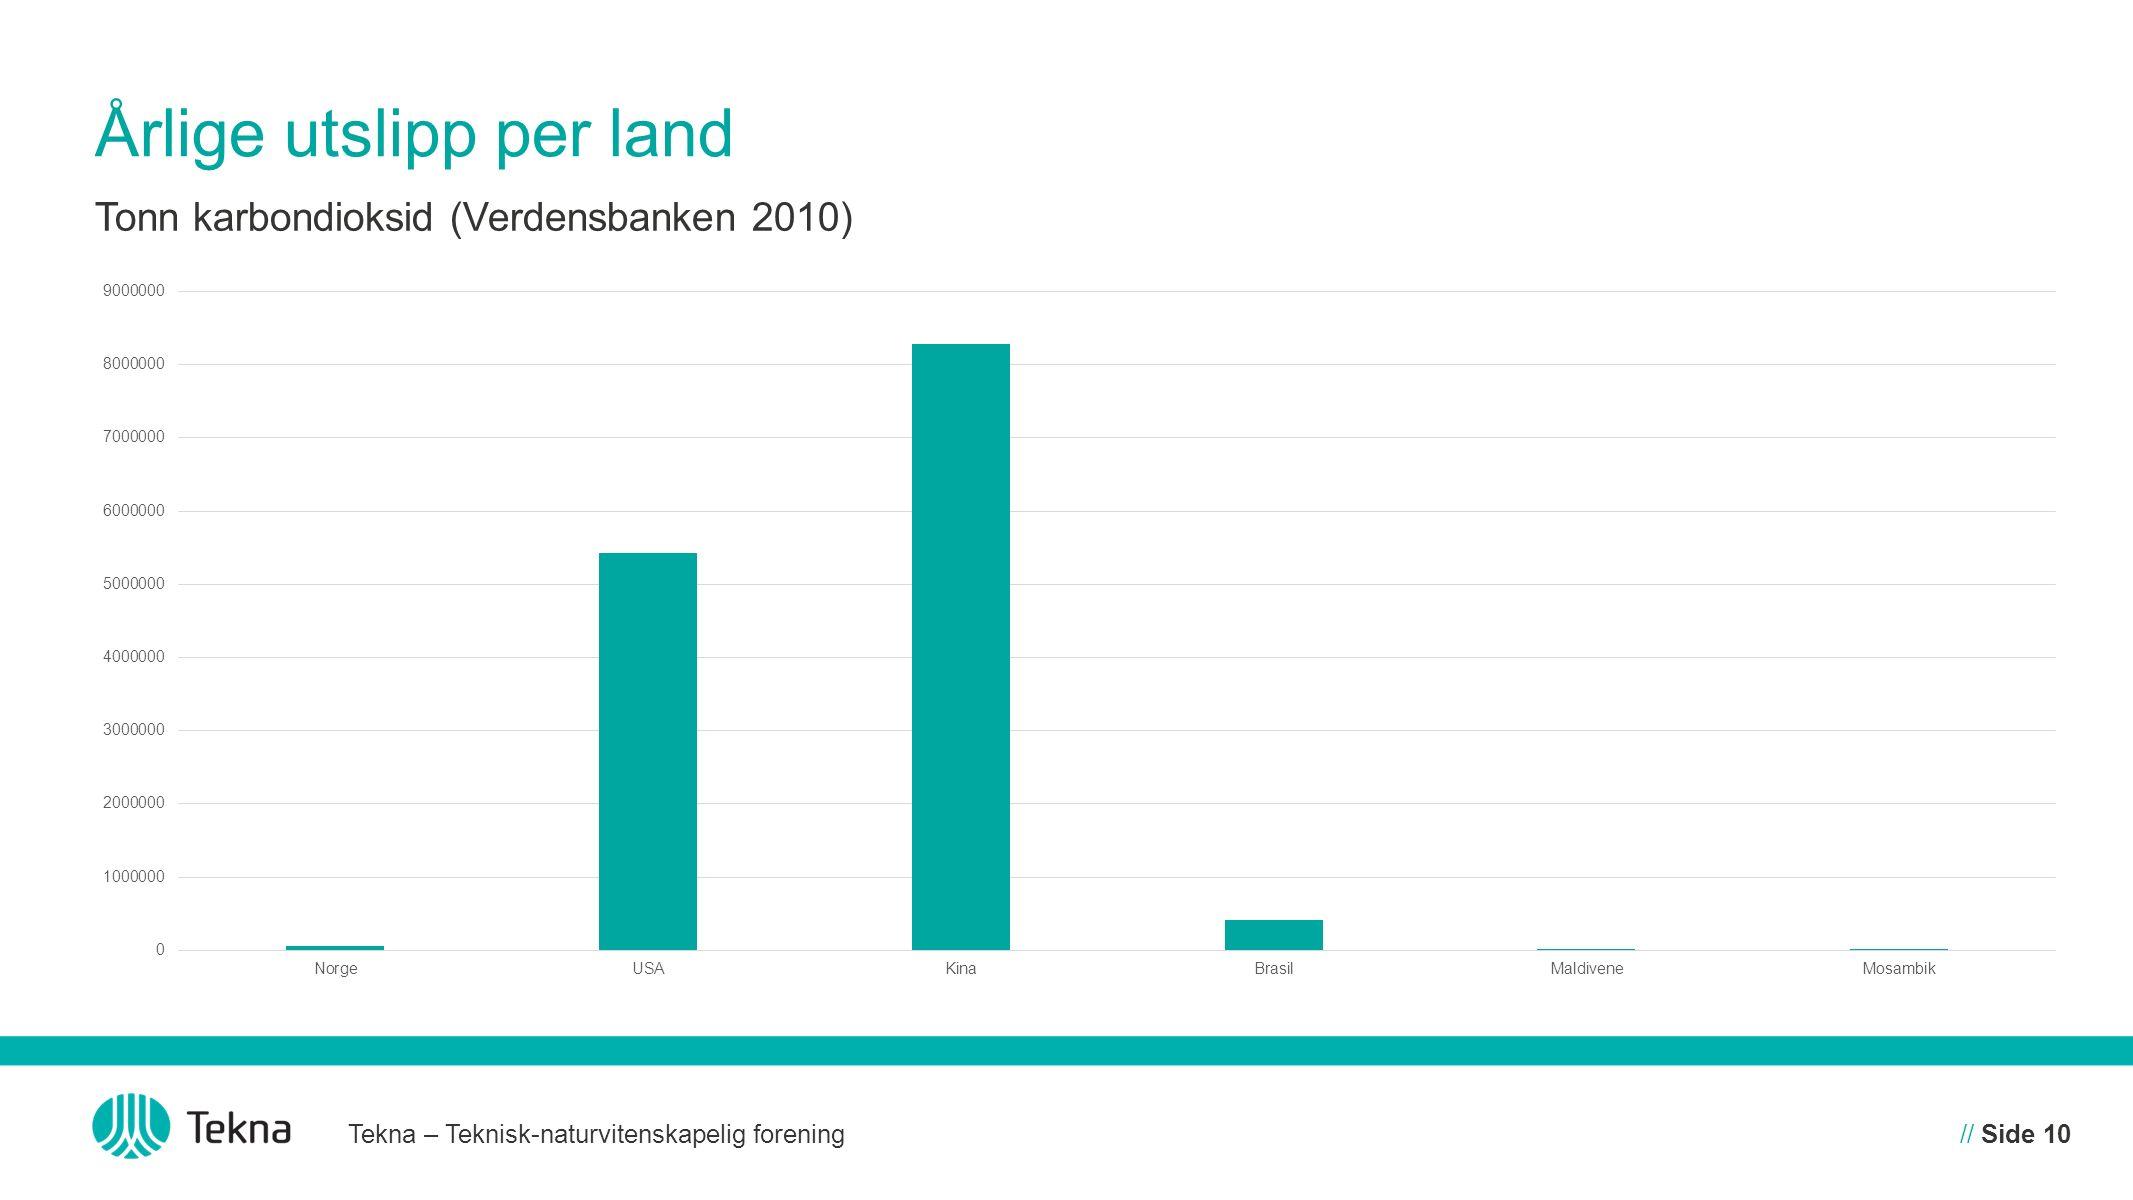 Årlige utslipp per land